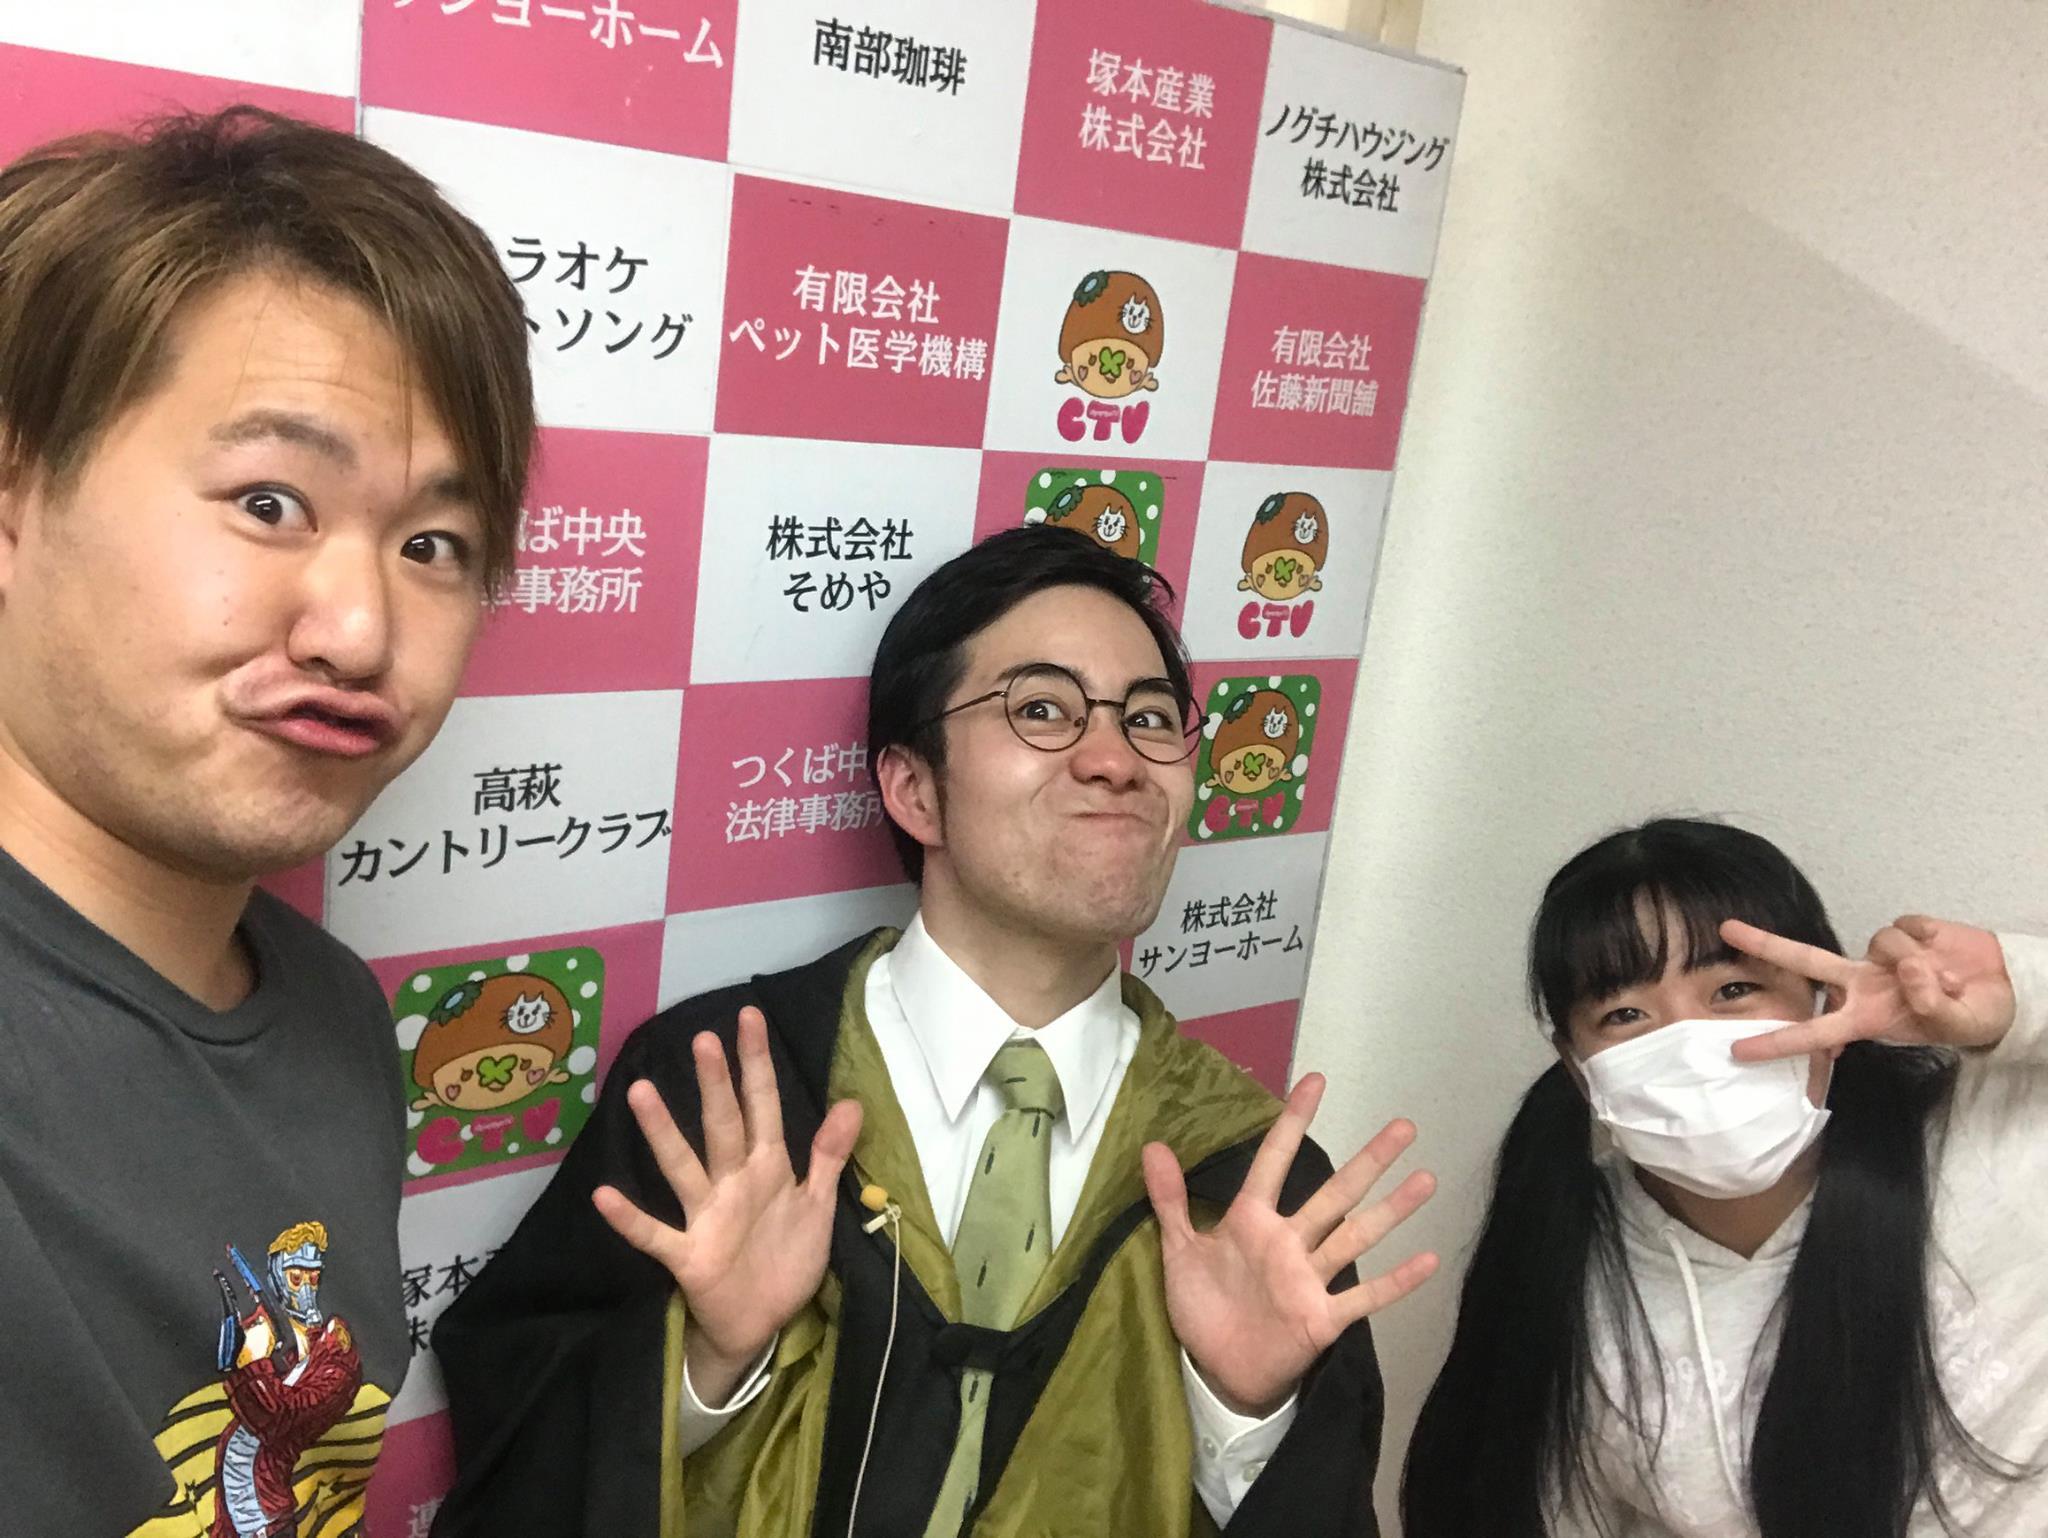 [2017/5/16] ♡夕暮れモーモー #24♡